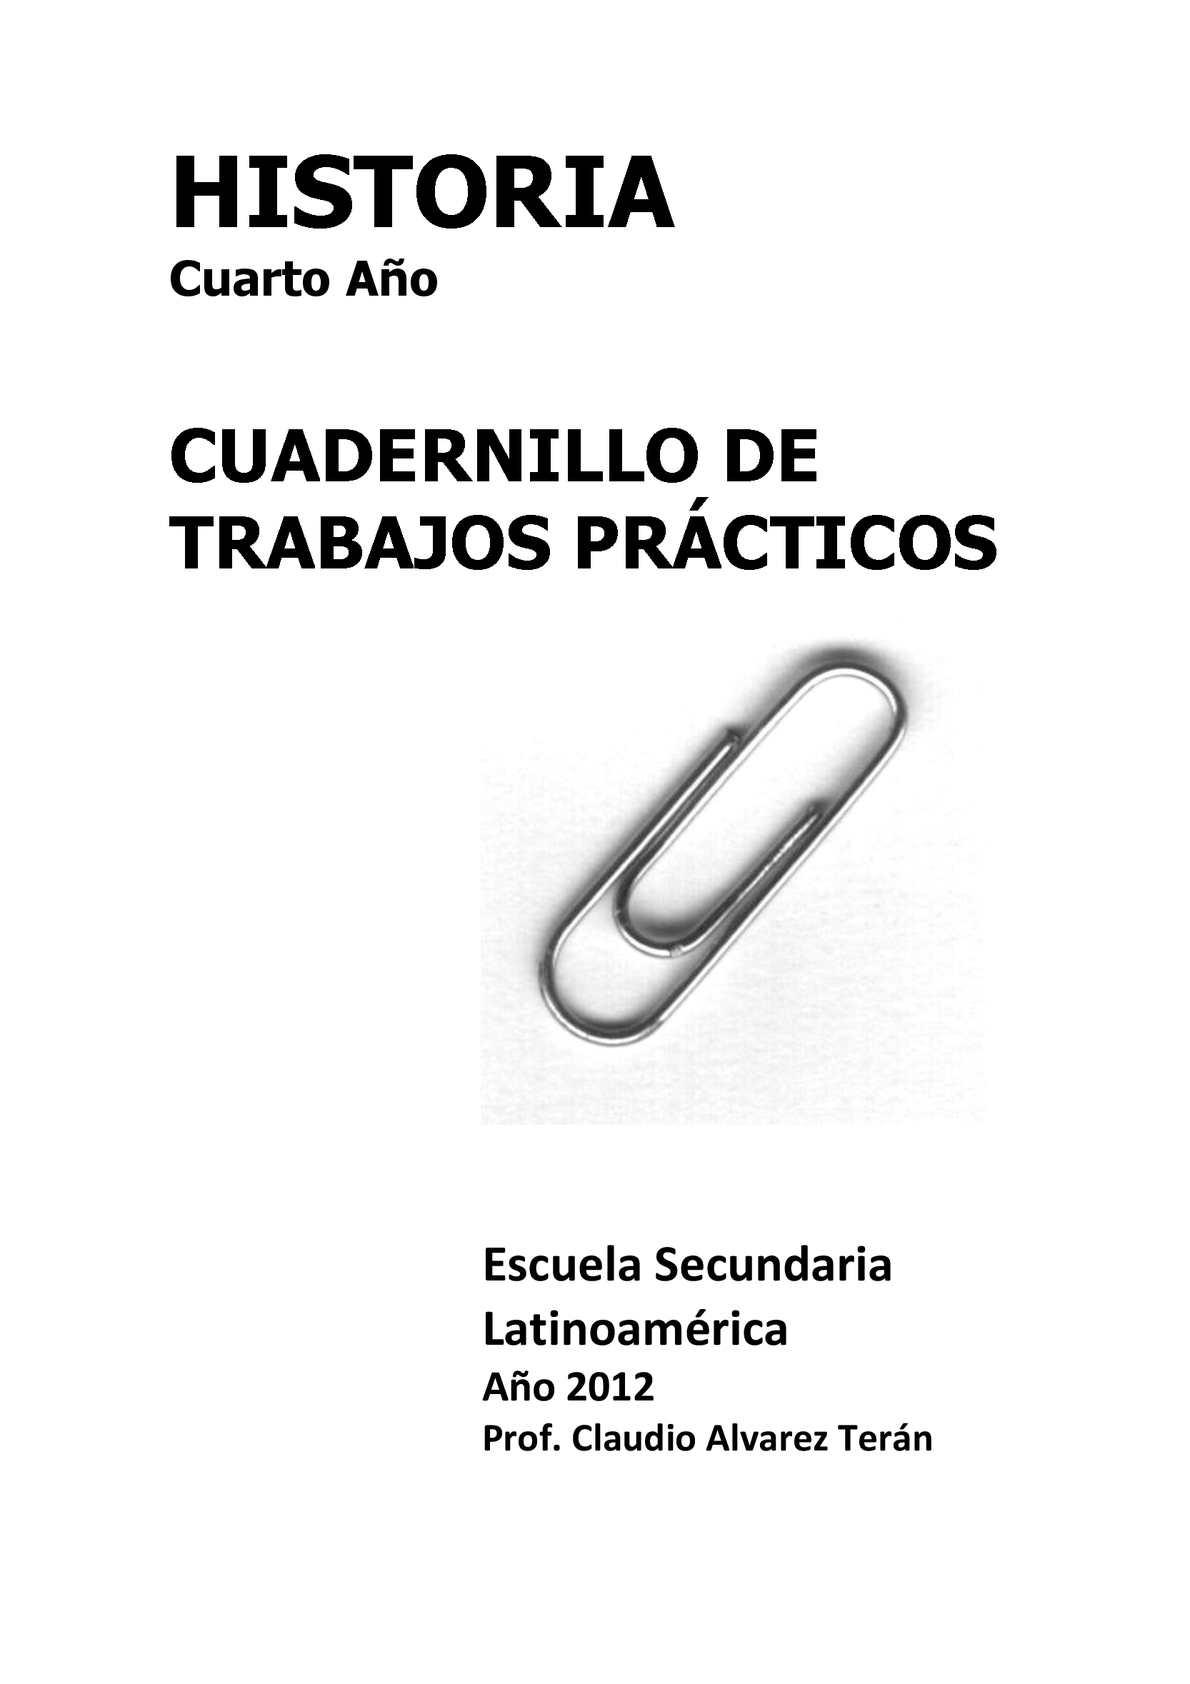 """Cuadernillo de Trabajos Prácticos para """"Historia"""" 4° año sec"""